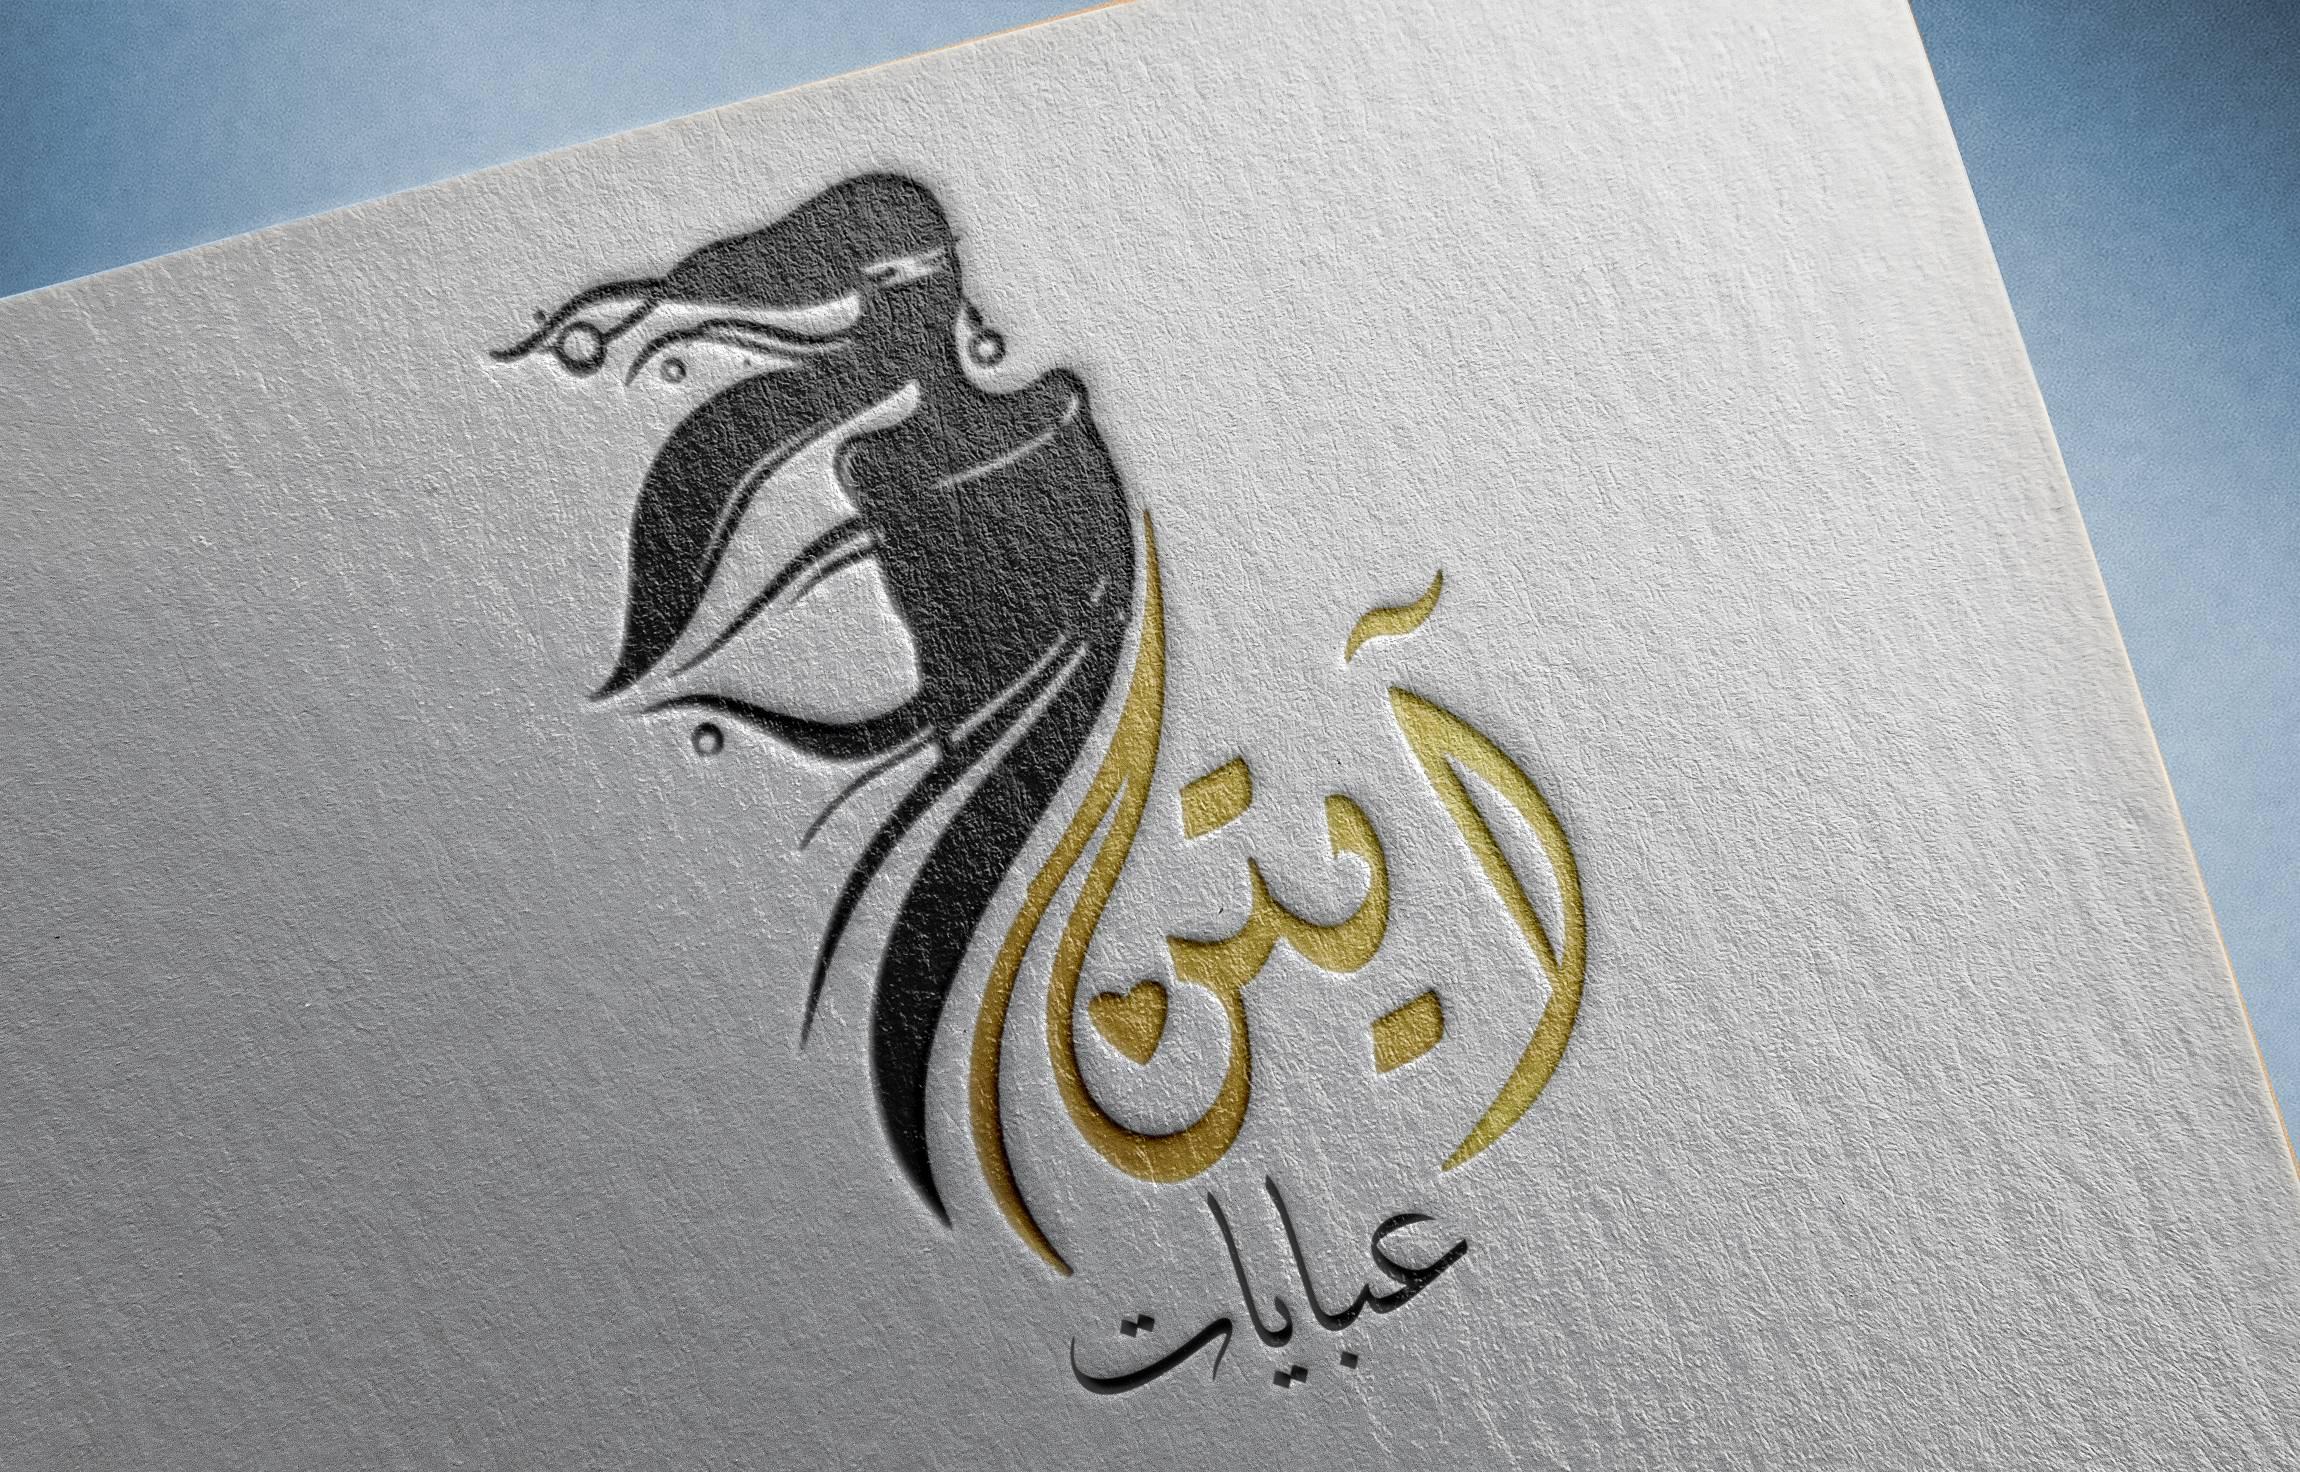 لوغو لشركة تصميم عبايات سعودية (آيتن)